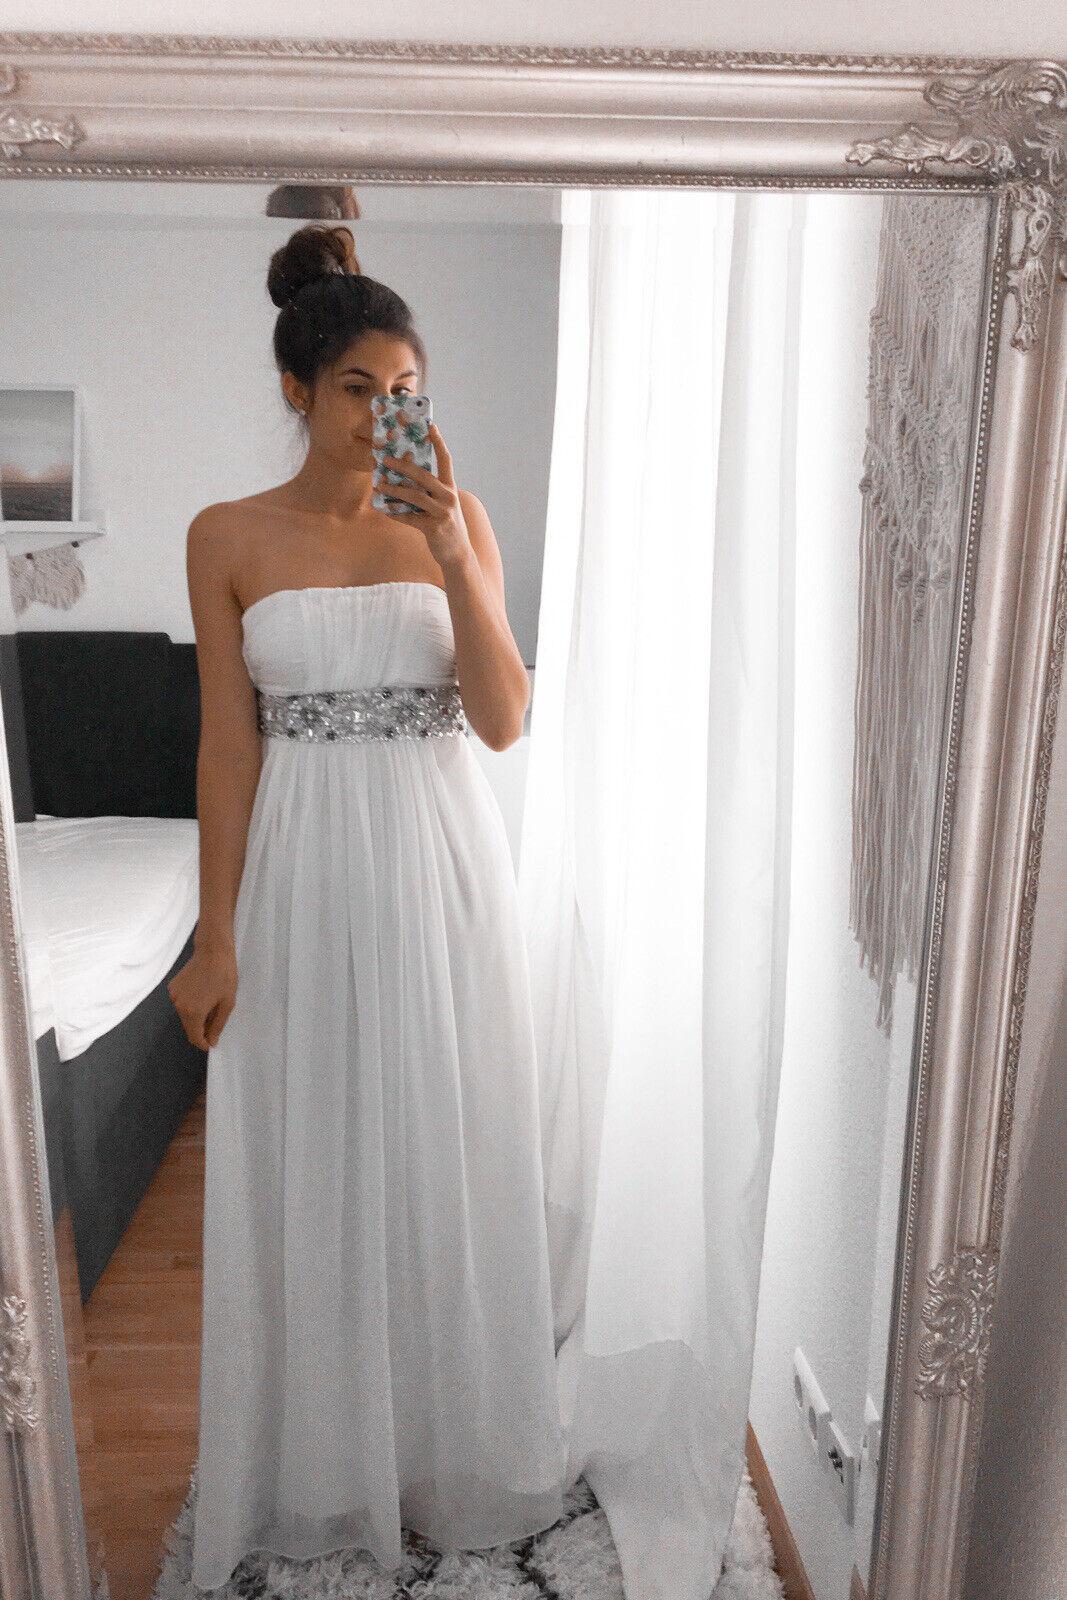 Hochzeitskleid Standesamt Brautkleid Weiß Perlen Chiffon 34 36